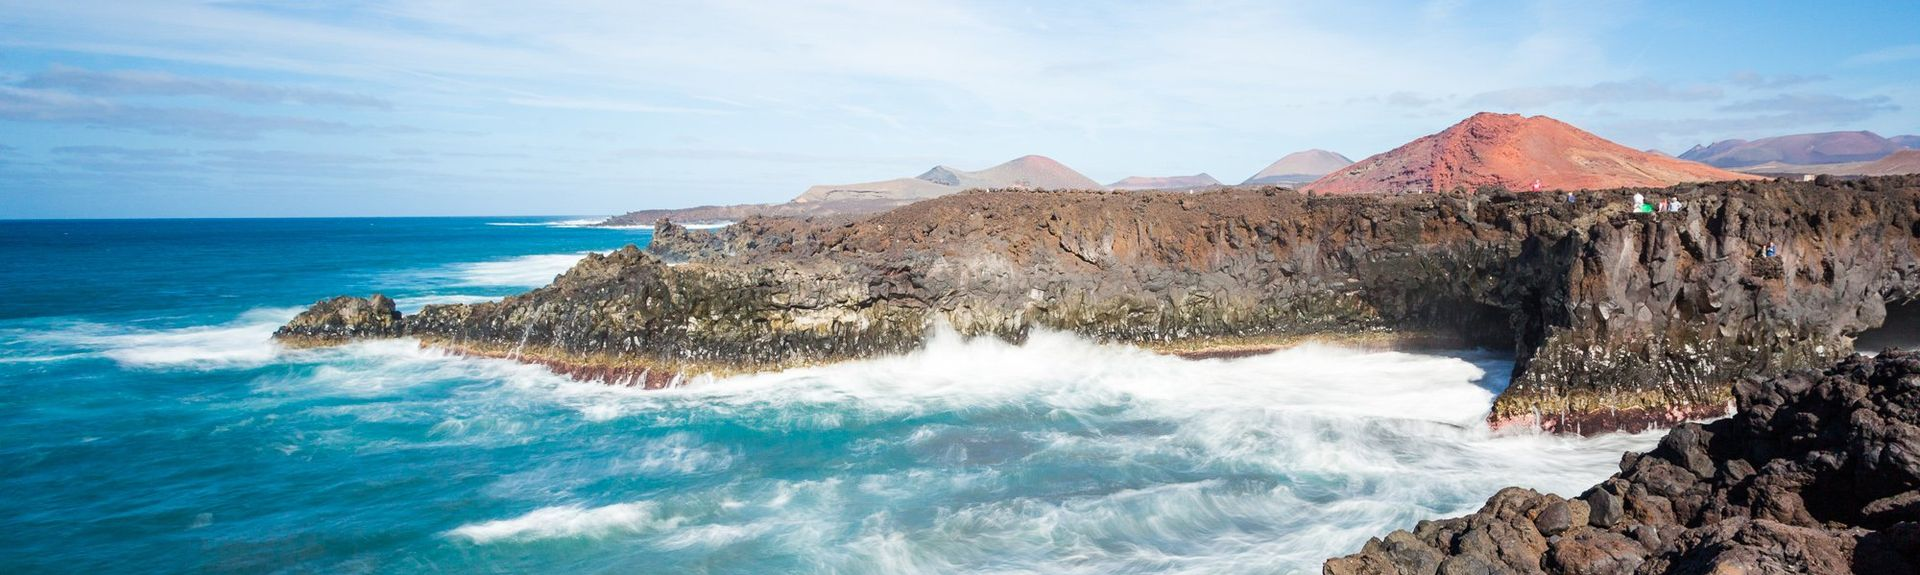 El Golfo, Canarische Eilanden, Spanje